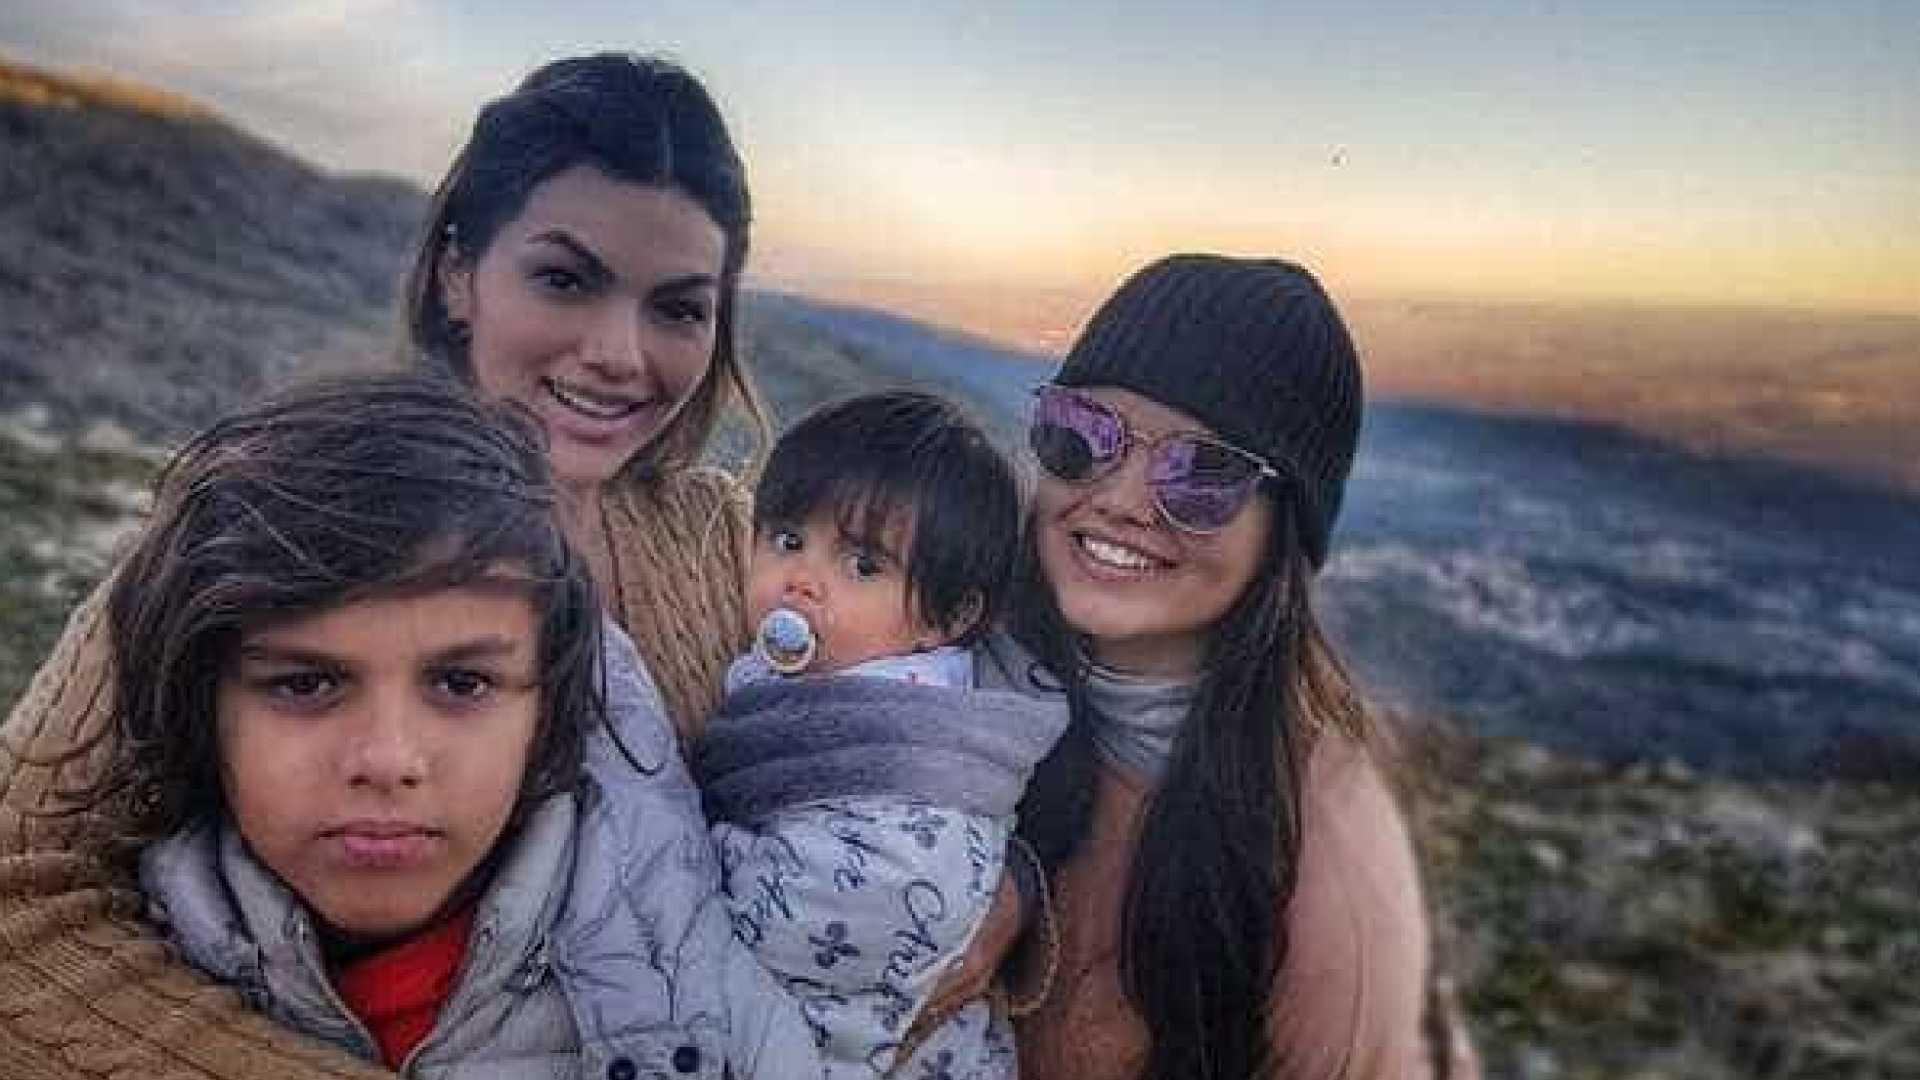 naom 5a72e1a62ae18 - Kelly Key posa com os filhos em topo de montanha portuguesa